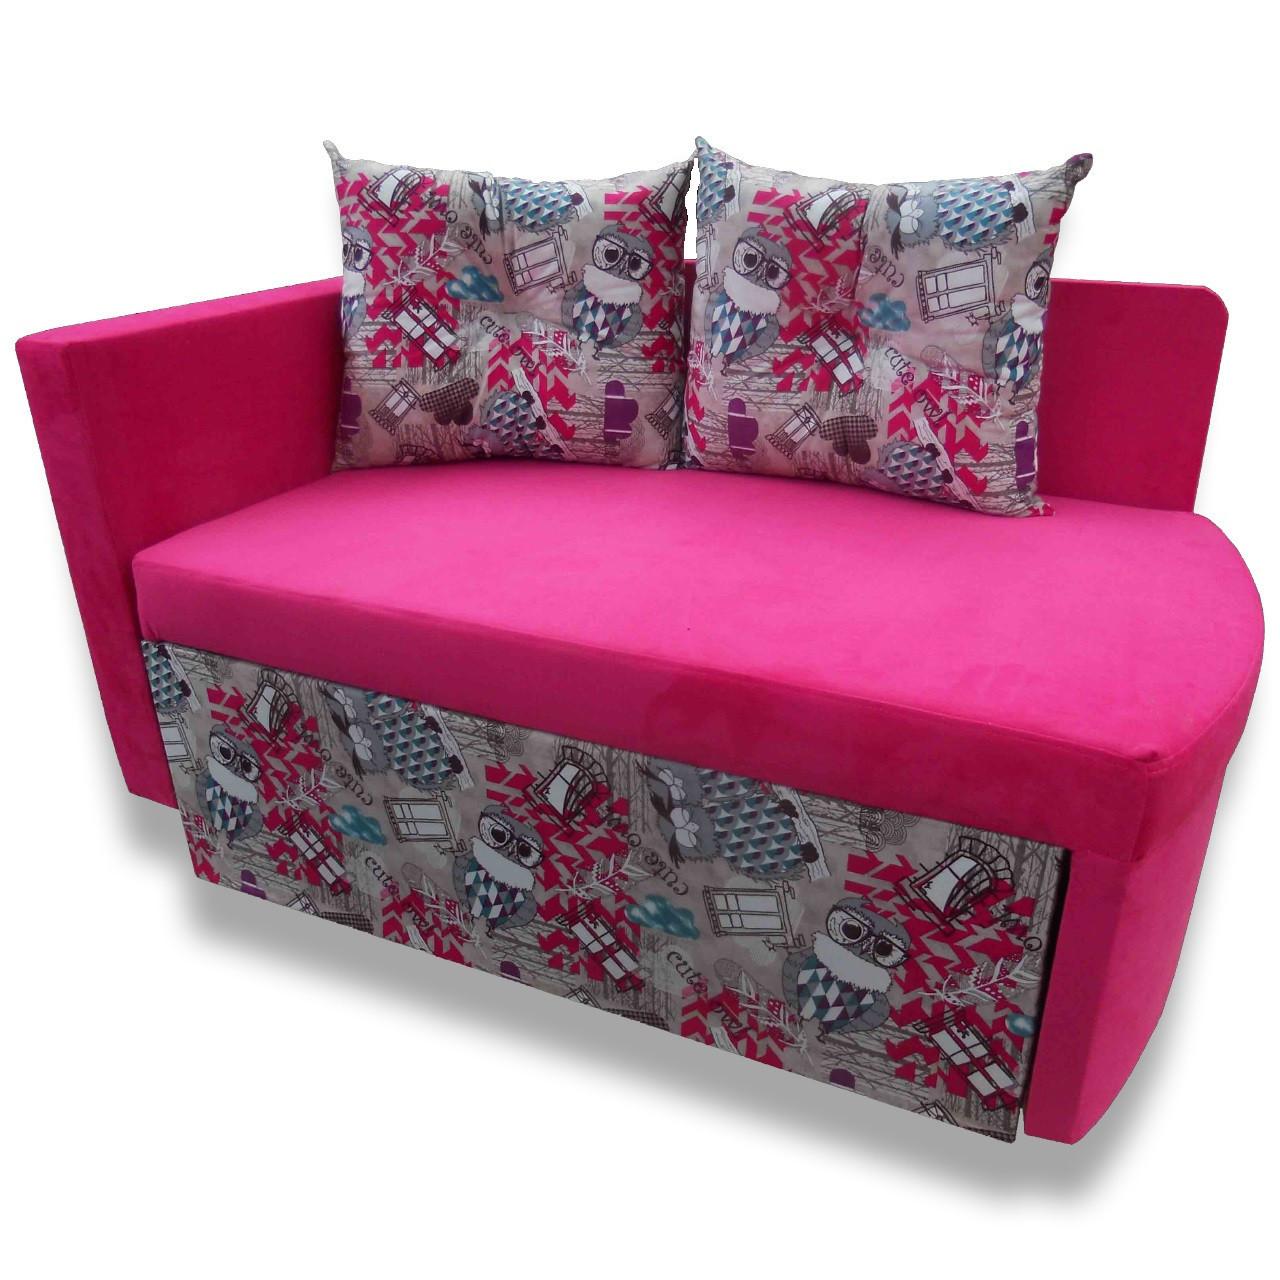 Диван дитячий Шпех 80см ( Пугач+рожевий, малютка розкладний). Диванчик зі спальним місцем 2 метри